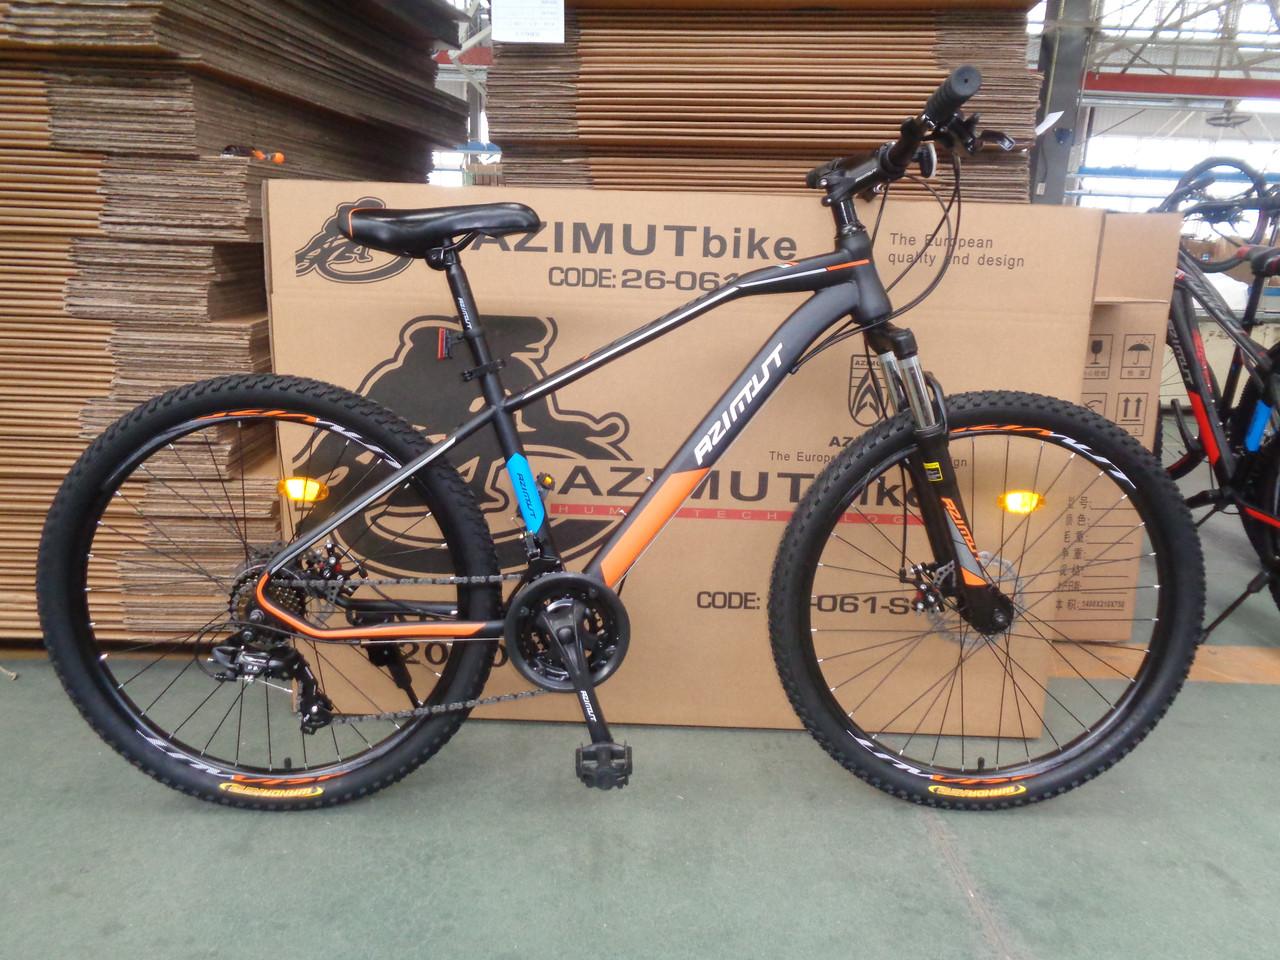 Спортивный горный велосипед 29 дюймов Azimut Gemini D 17 рама черно-оранжевый